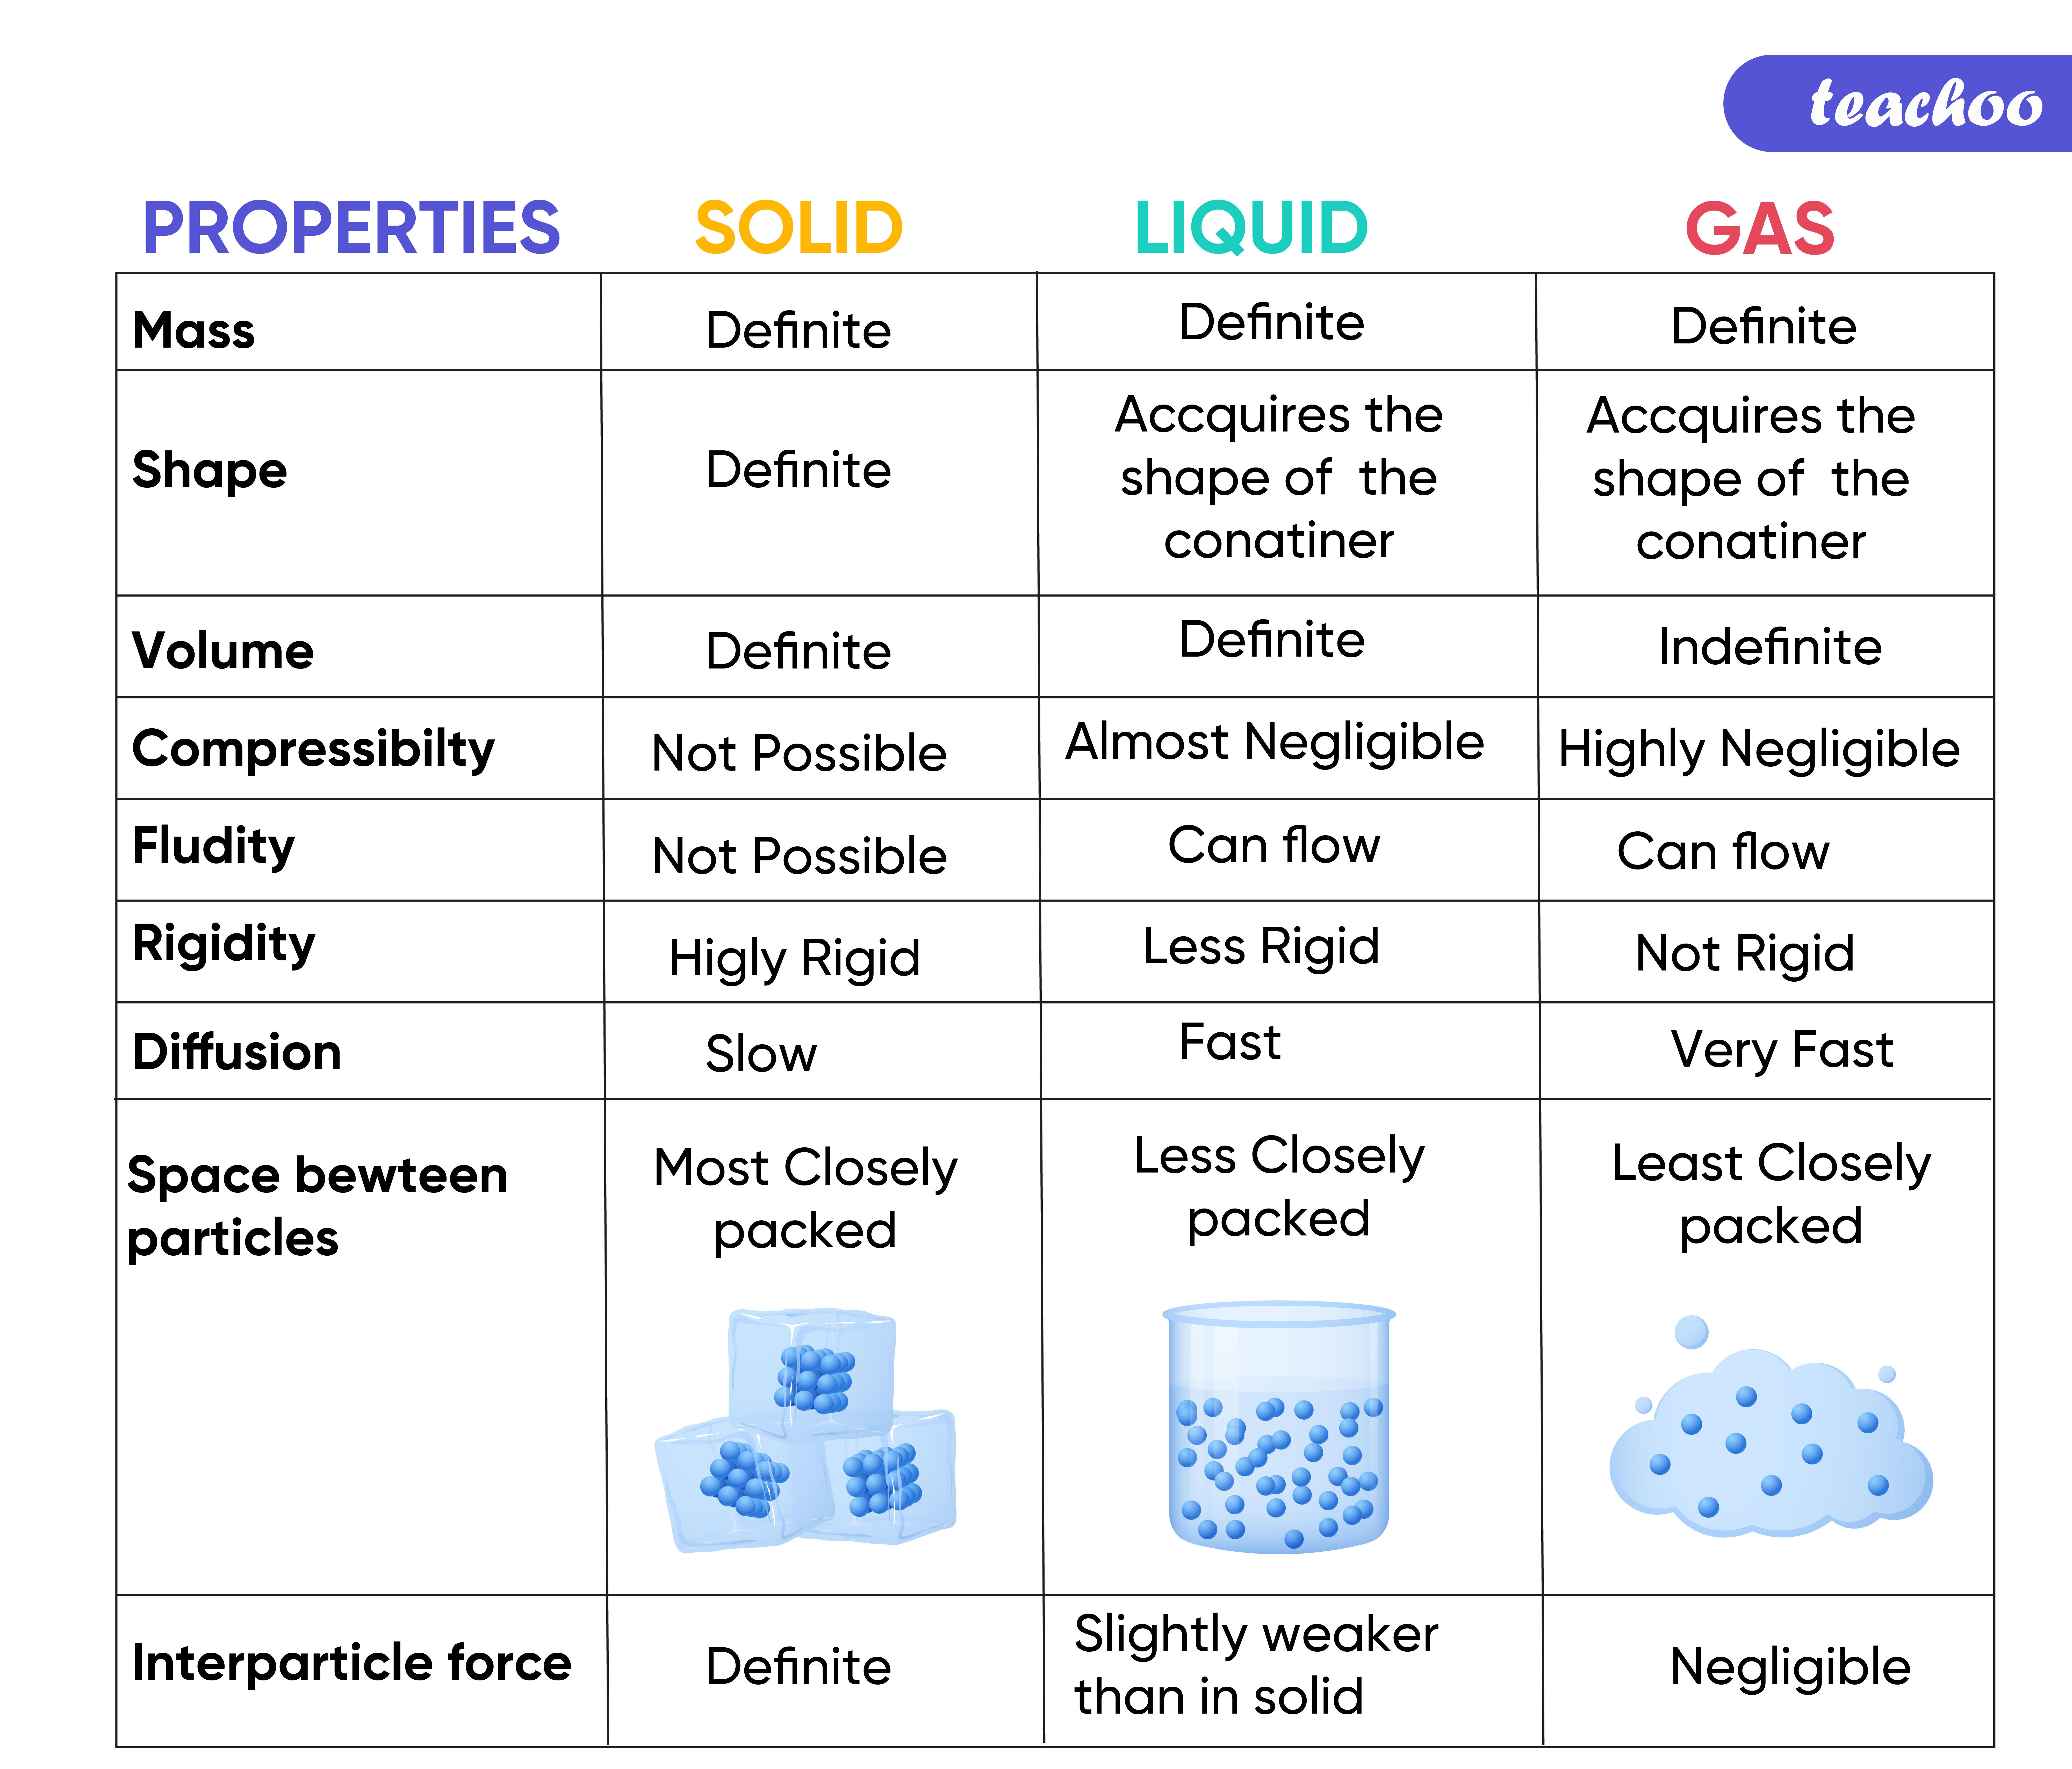 Properties Solid, Liquid and Gas-Teachoo.jpg